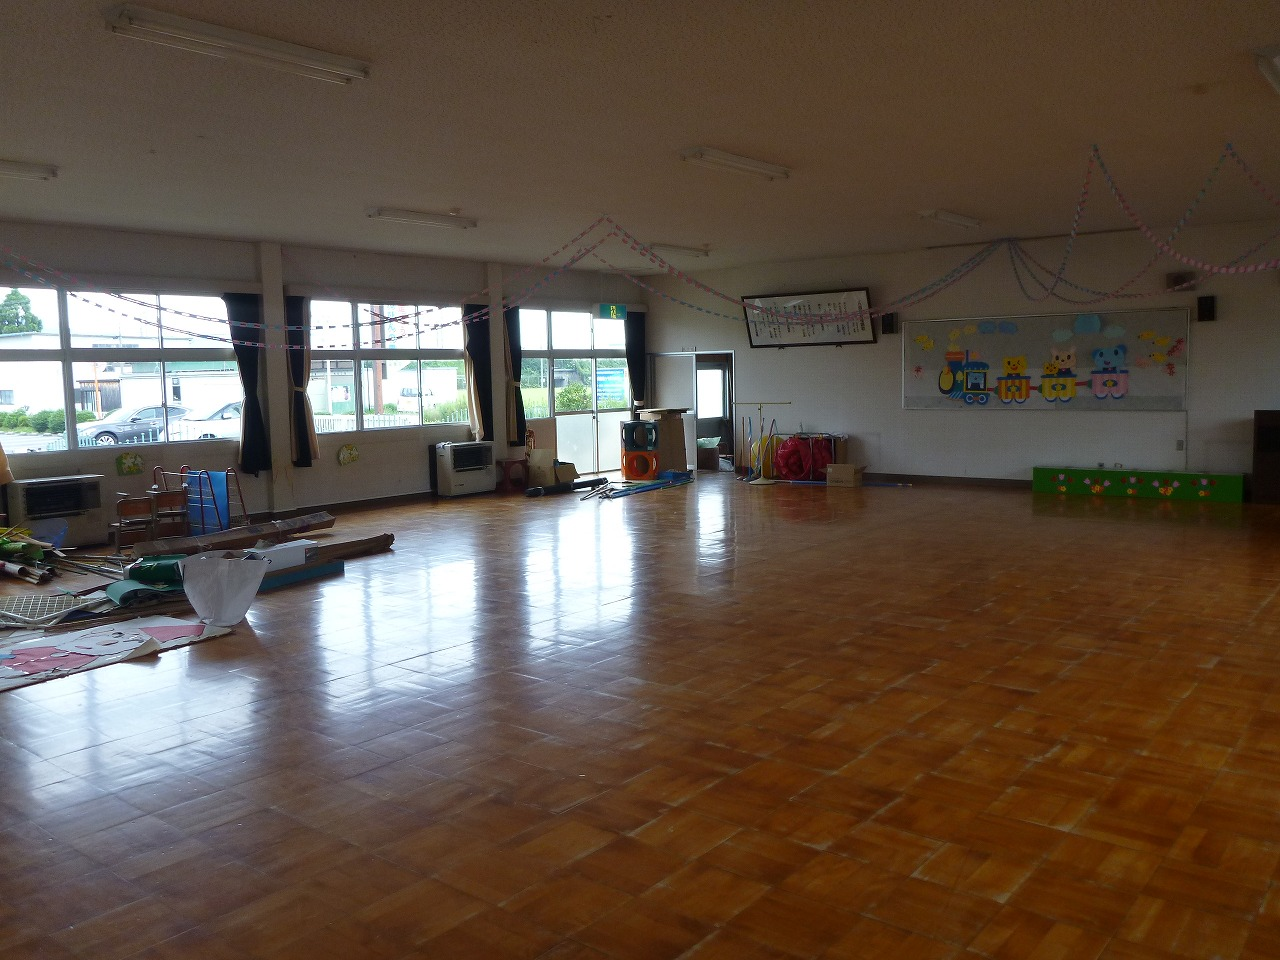 遊戯室 1 (既存園舎).jpg